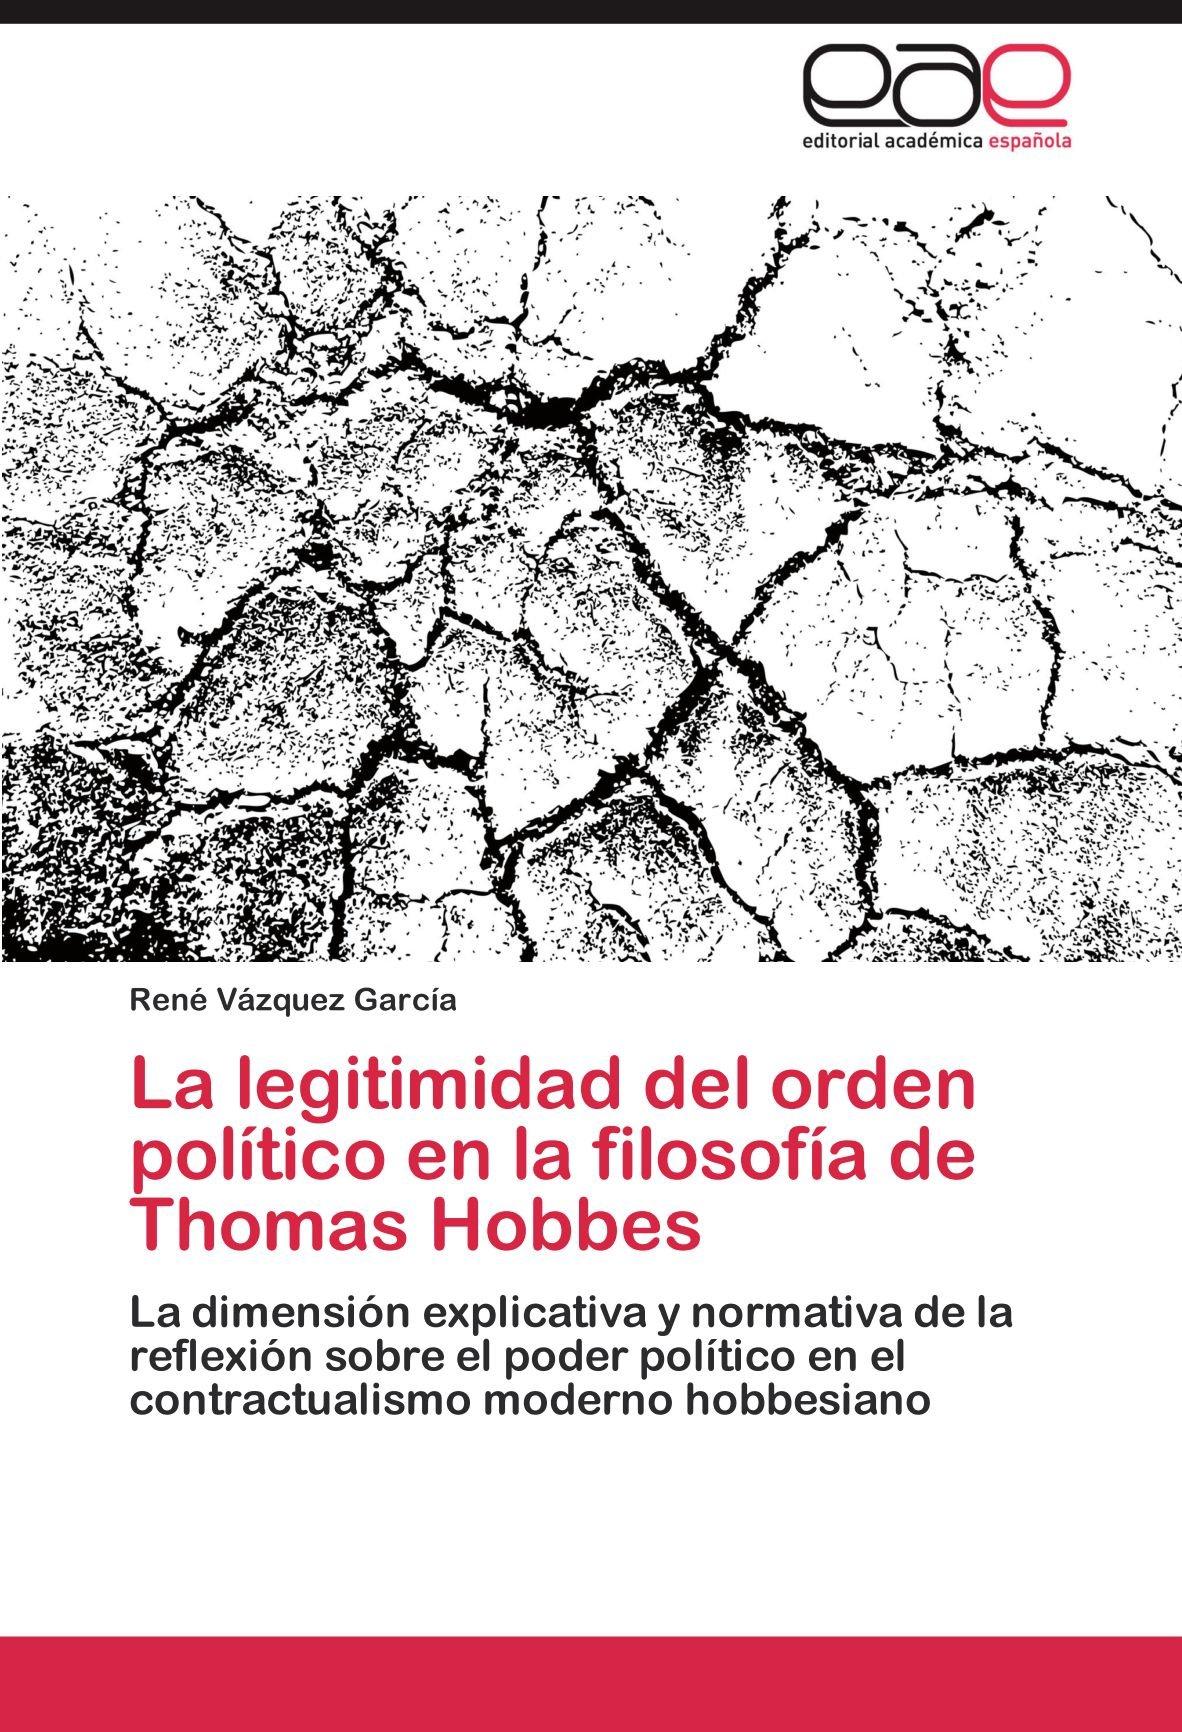 La legitimidad del orden político en la filosofía de Thomas Hobbes: La dimensión explicativa y normativa de la reflexión sobre el poder político en el . ...